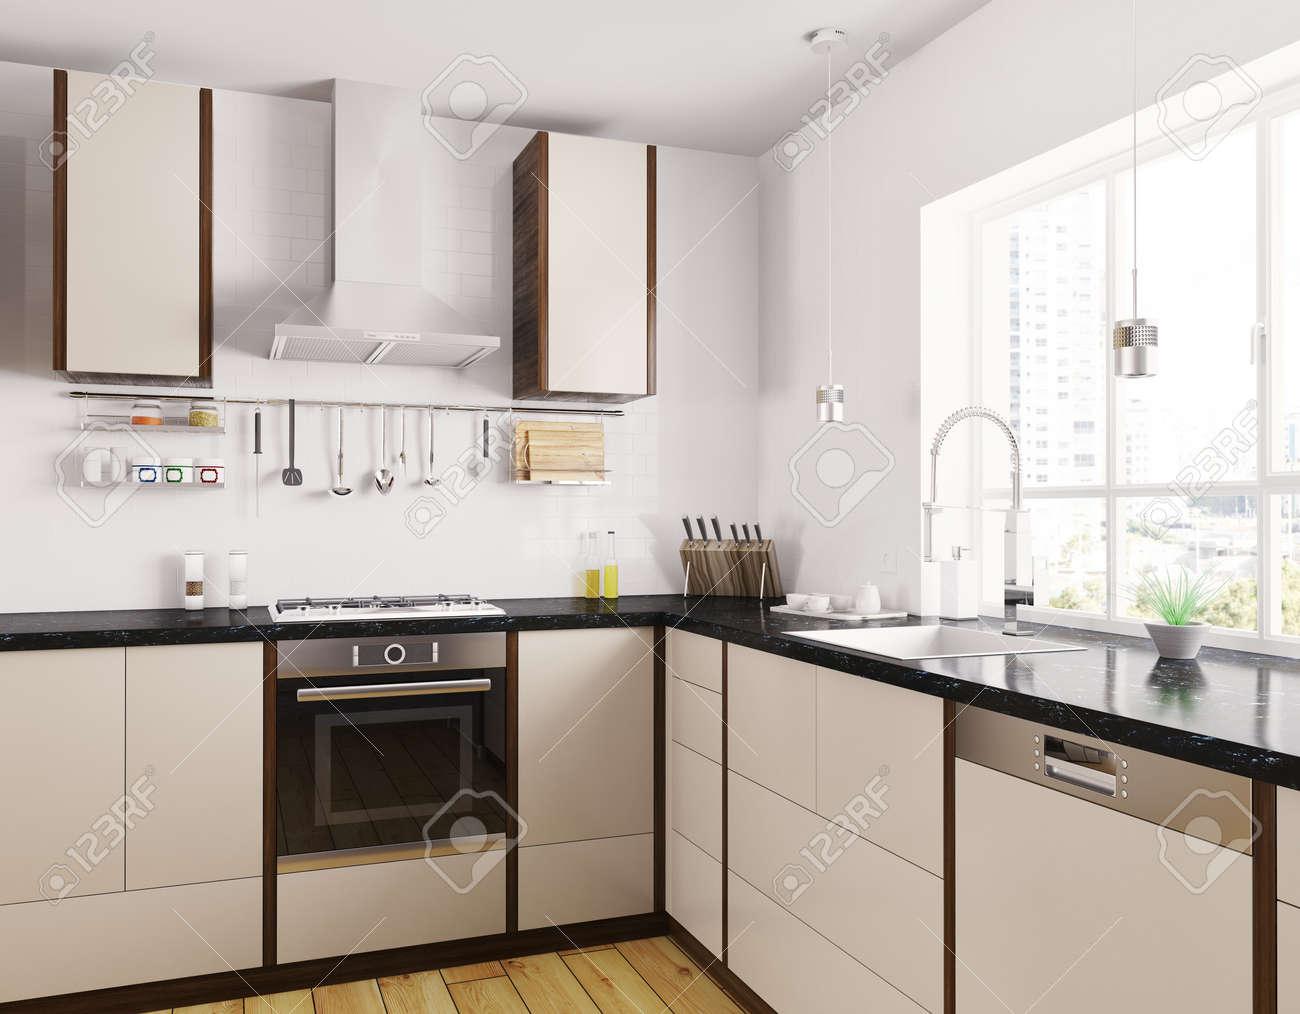 Einzigartig Küche Beige Dekoration Von Moderne Küche Mit Schwarzem Granit Zähler Interieur